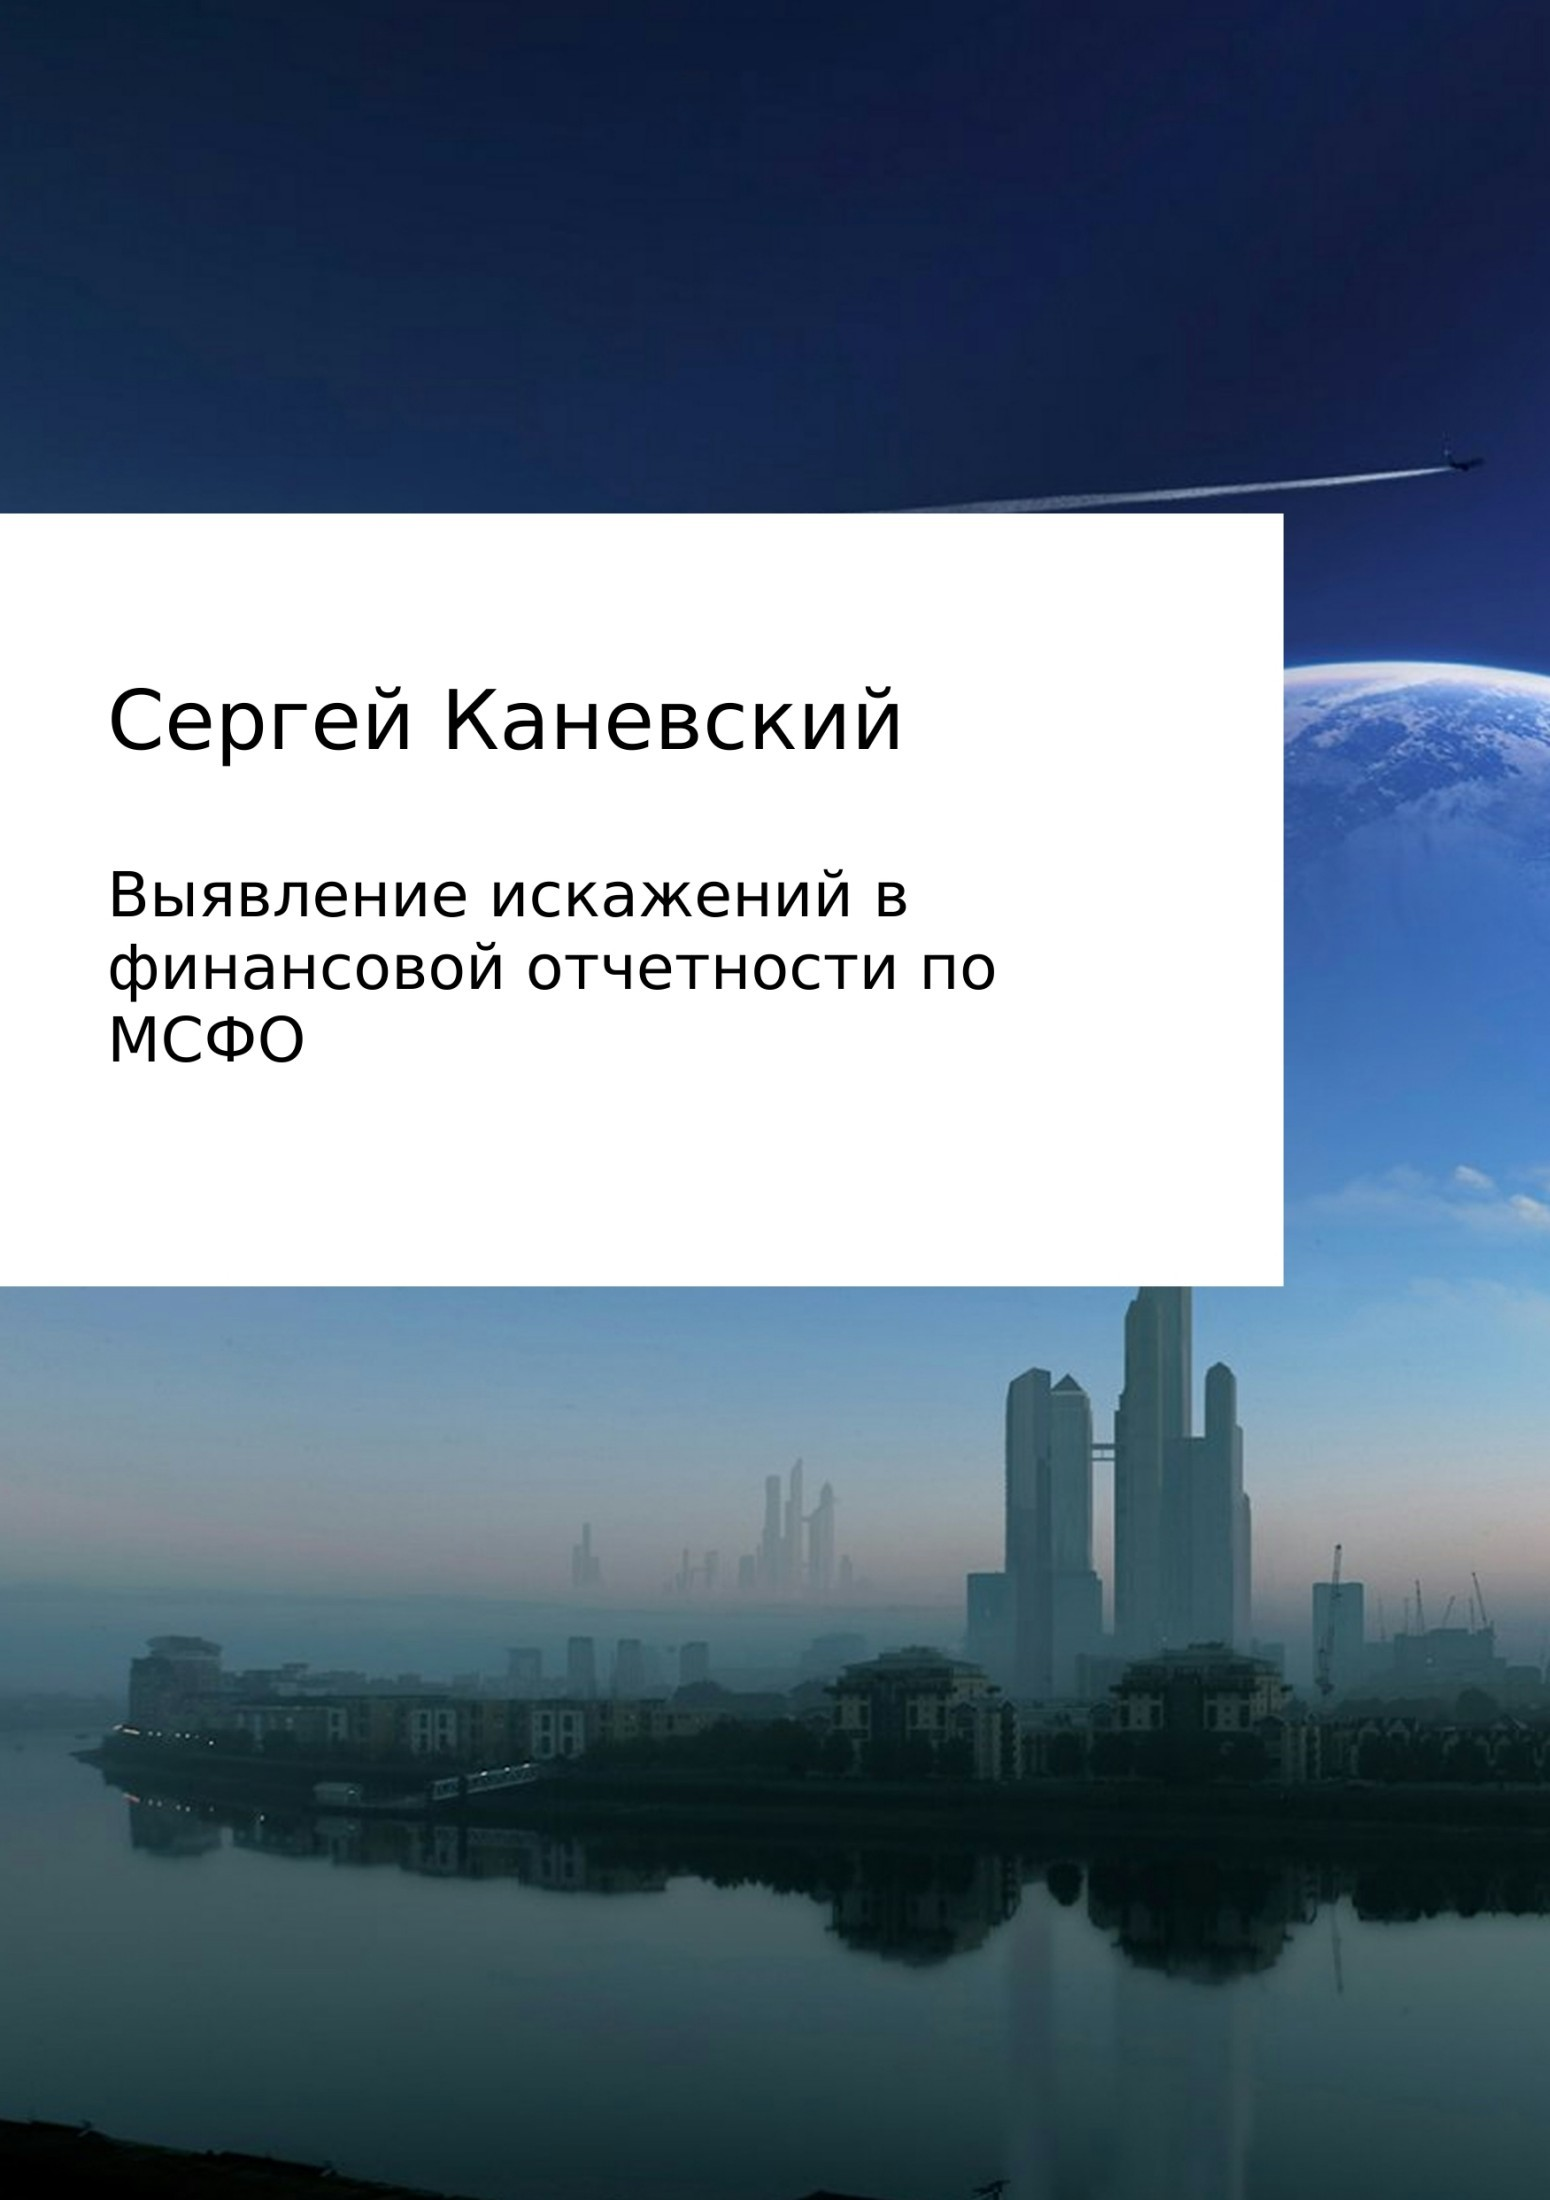 Сергей Владимирович Каневский Выявление искажений в финансовой отчетности по МСФО цена 2017